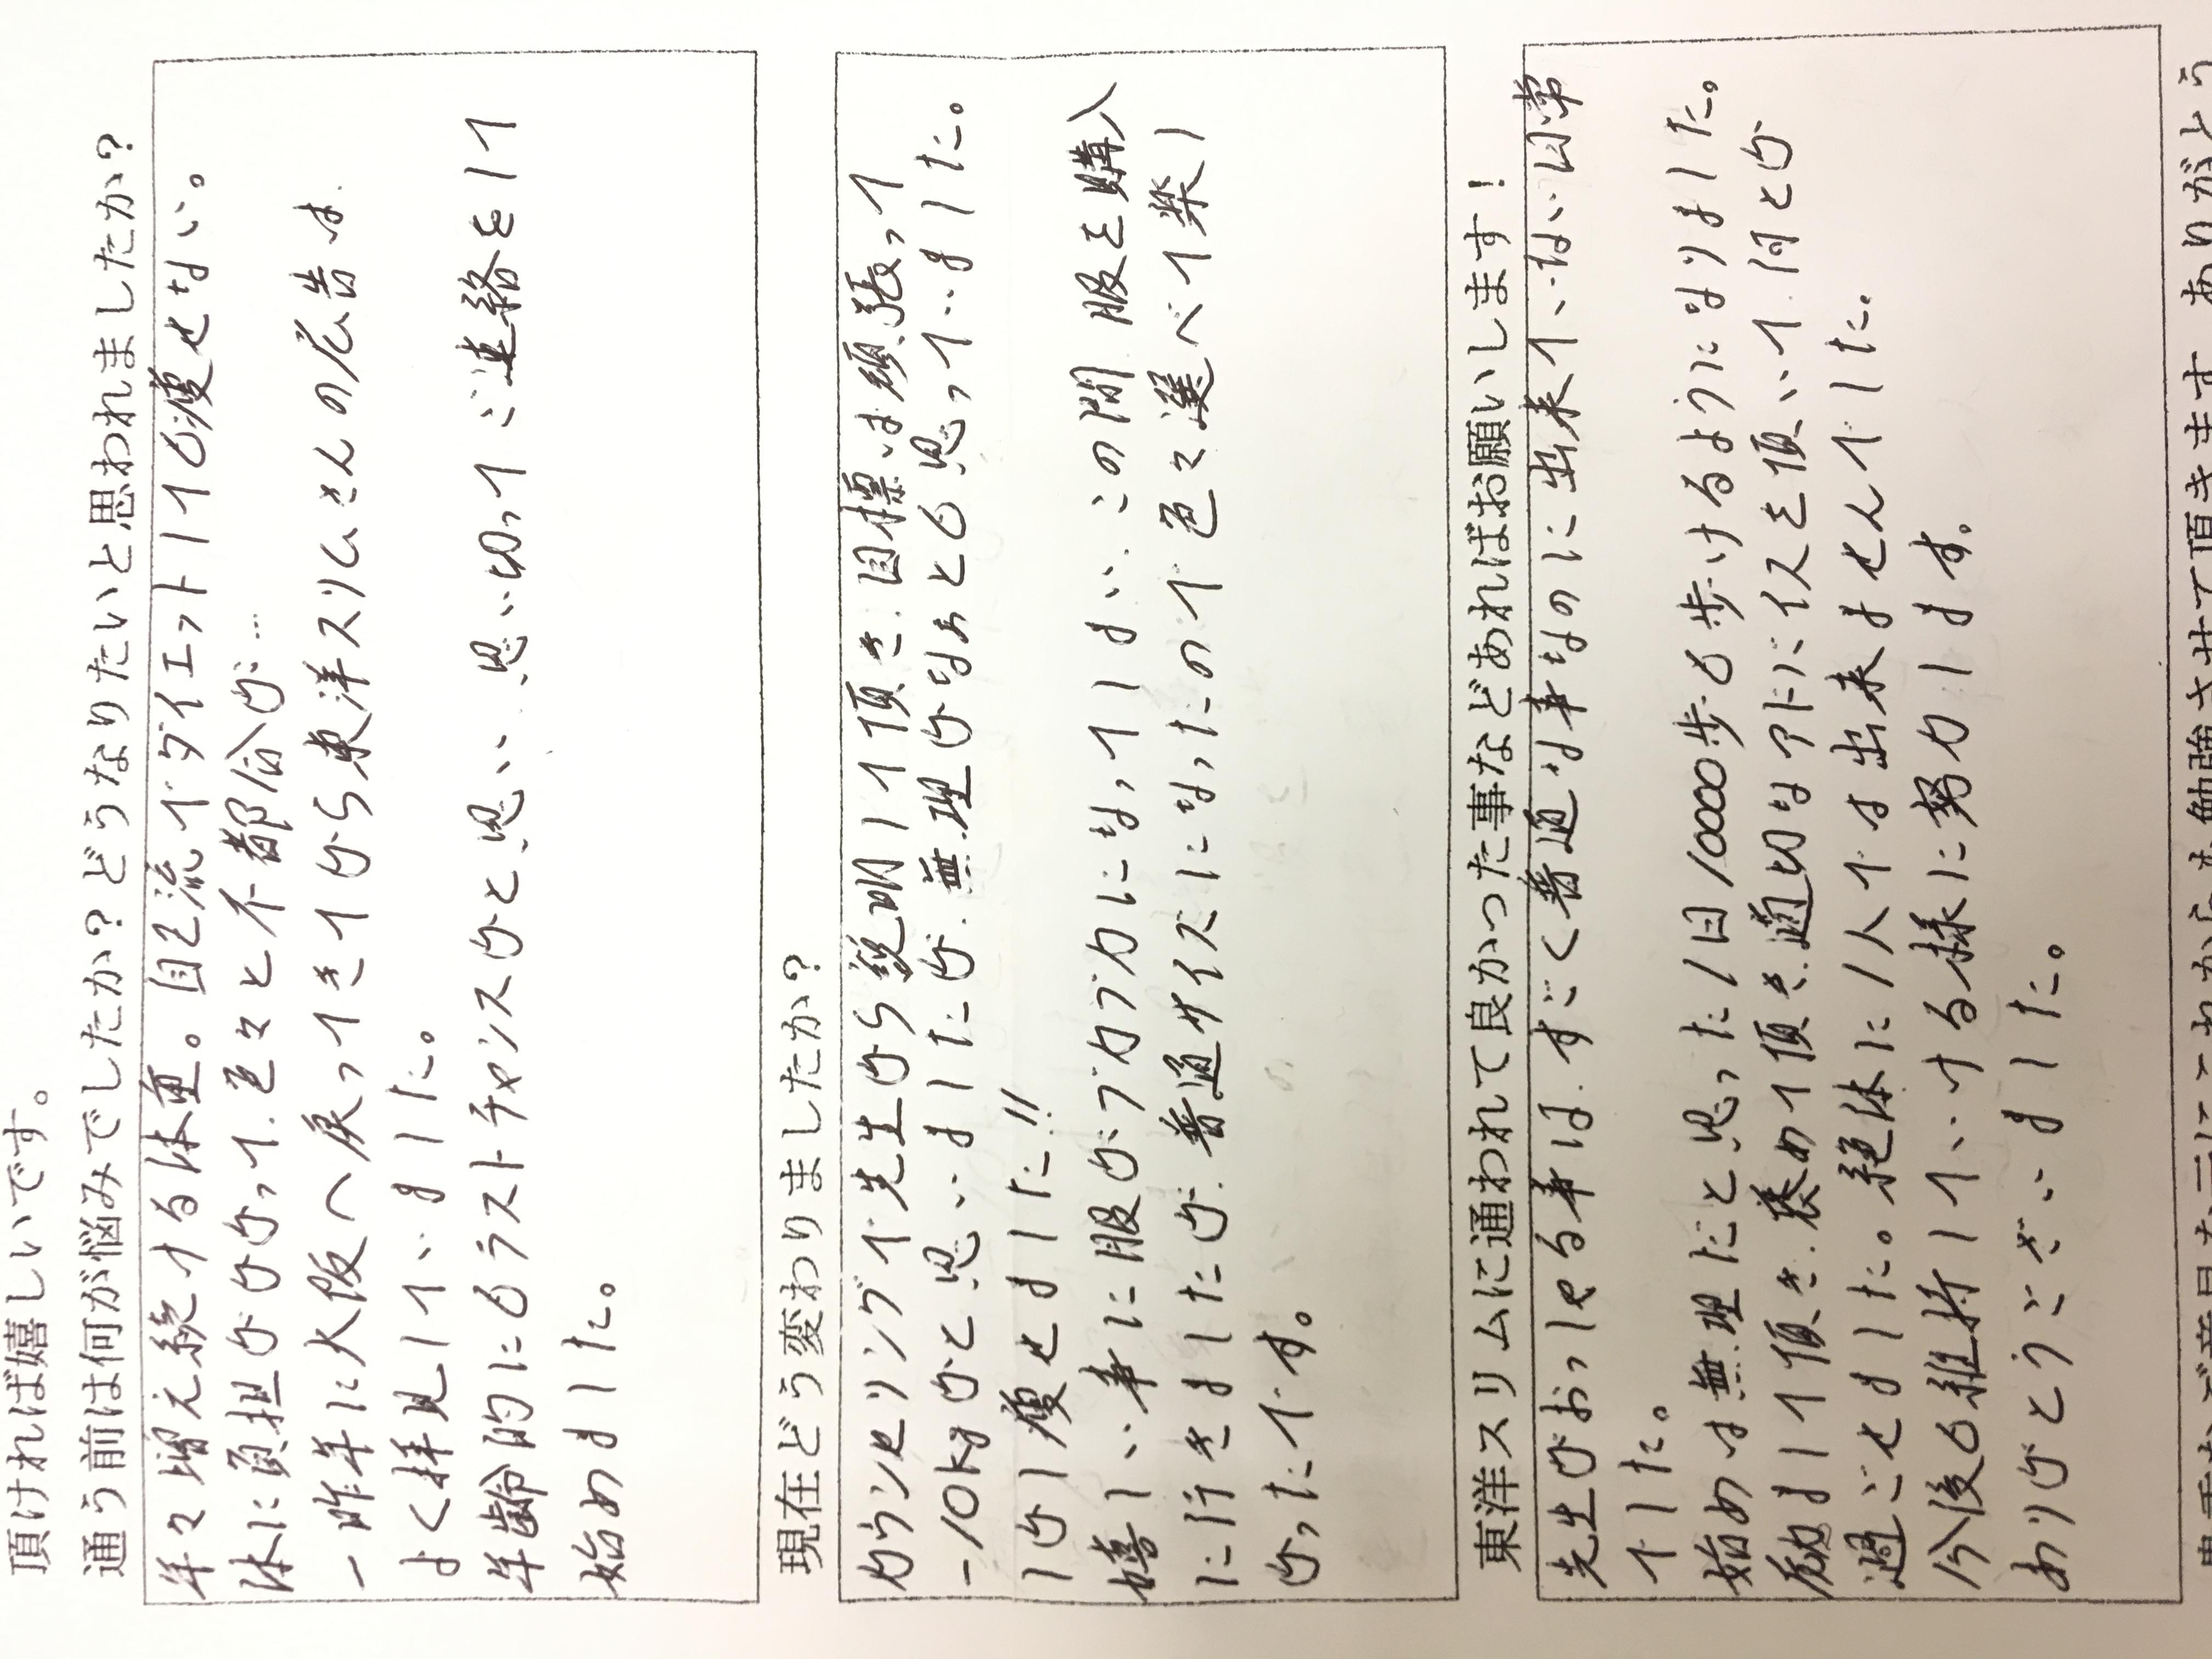 [皆様の声]大阪市阿倍野区Hさん(50代)耳つぼダイエットでー18kg。絶対に1人では出来ませんでした。